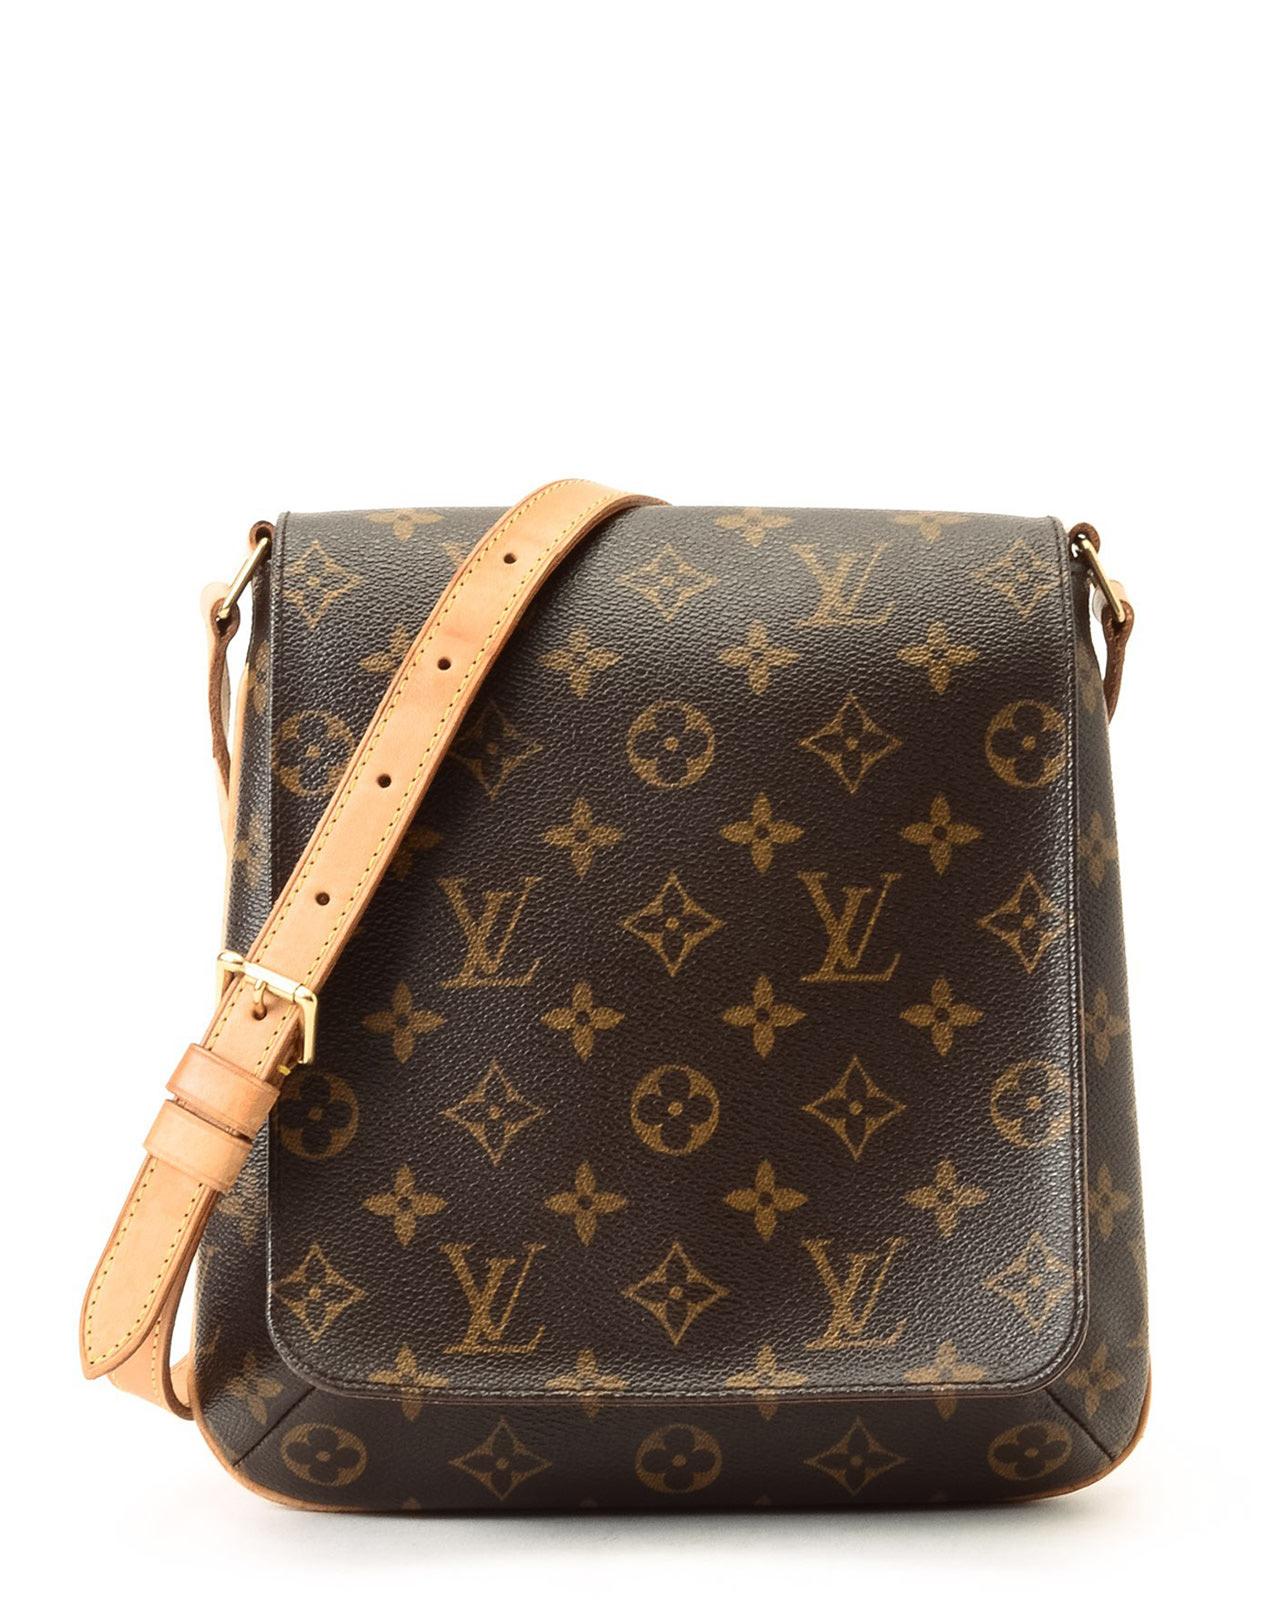 Lyst - Louis Vuitton Musette Salsa Long Strap Shoulder Bag in Brown 1374c7115a